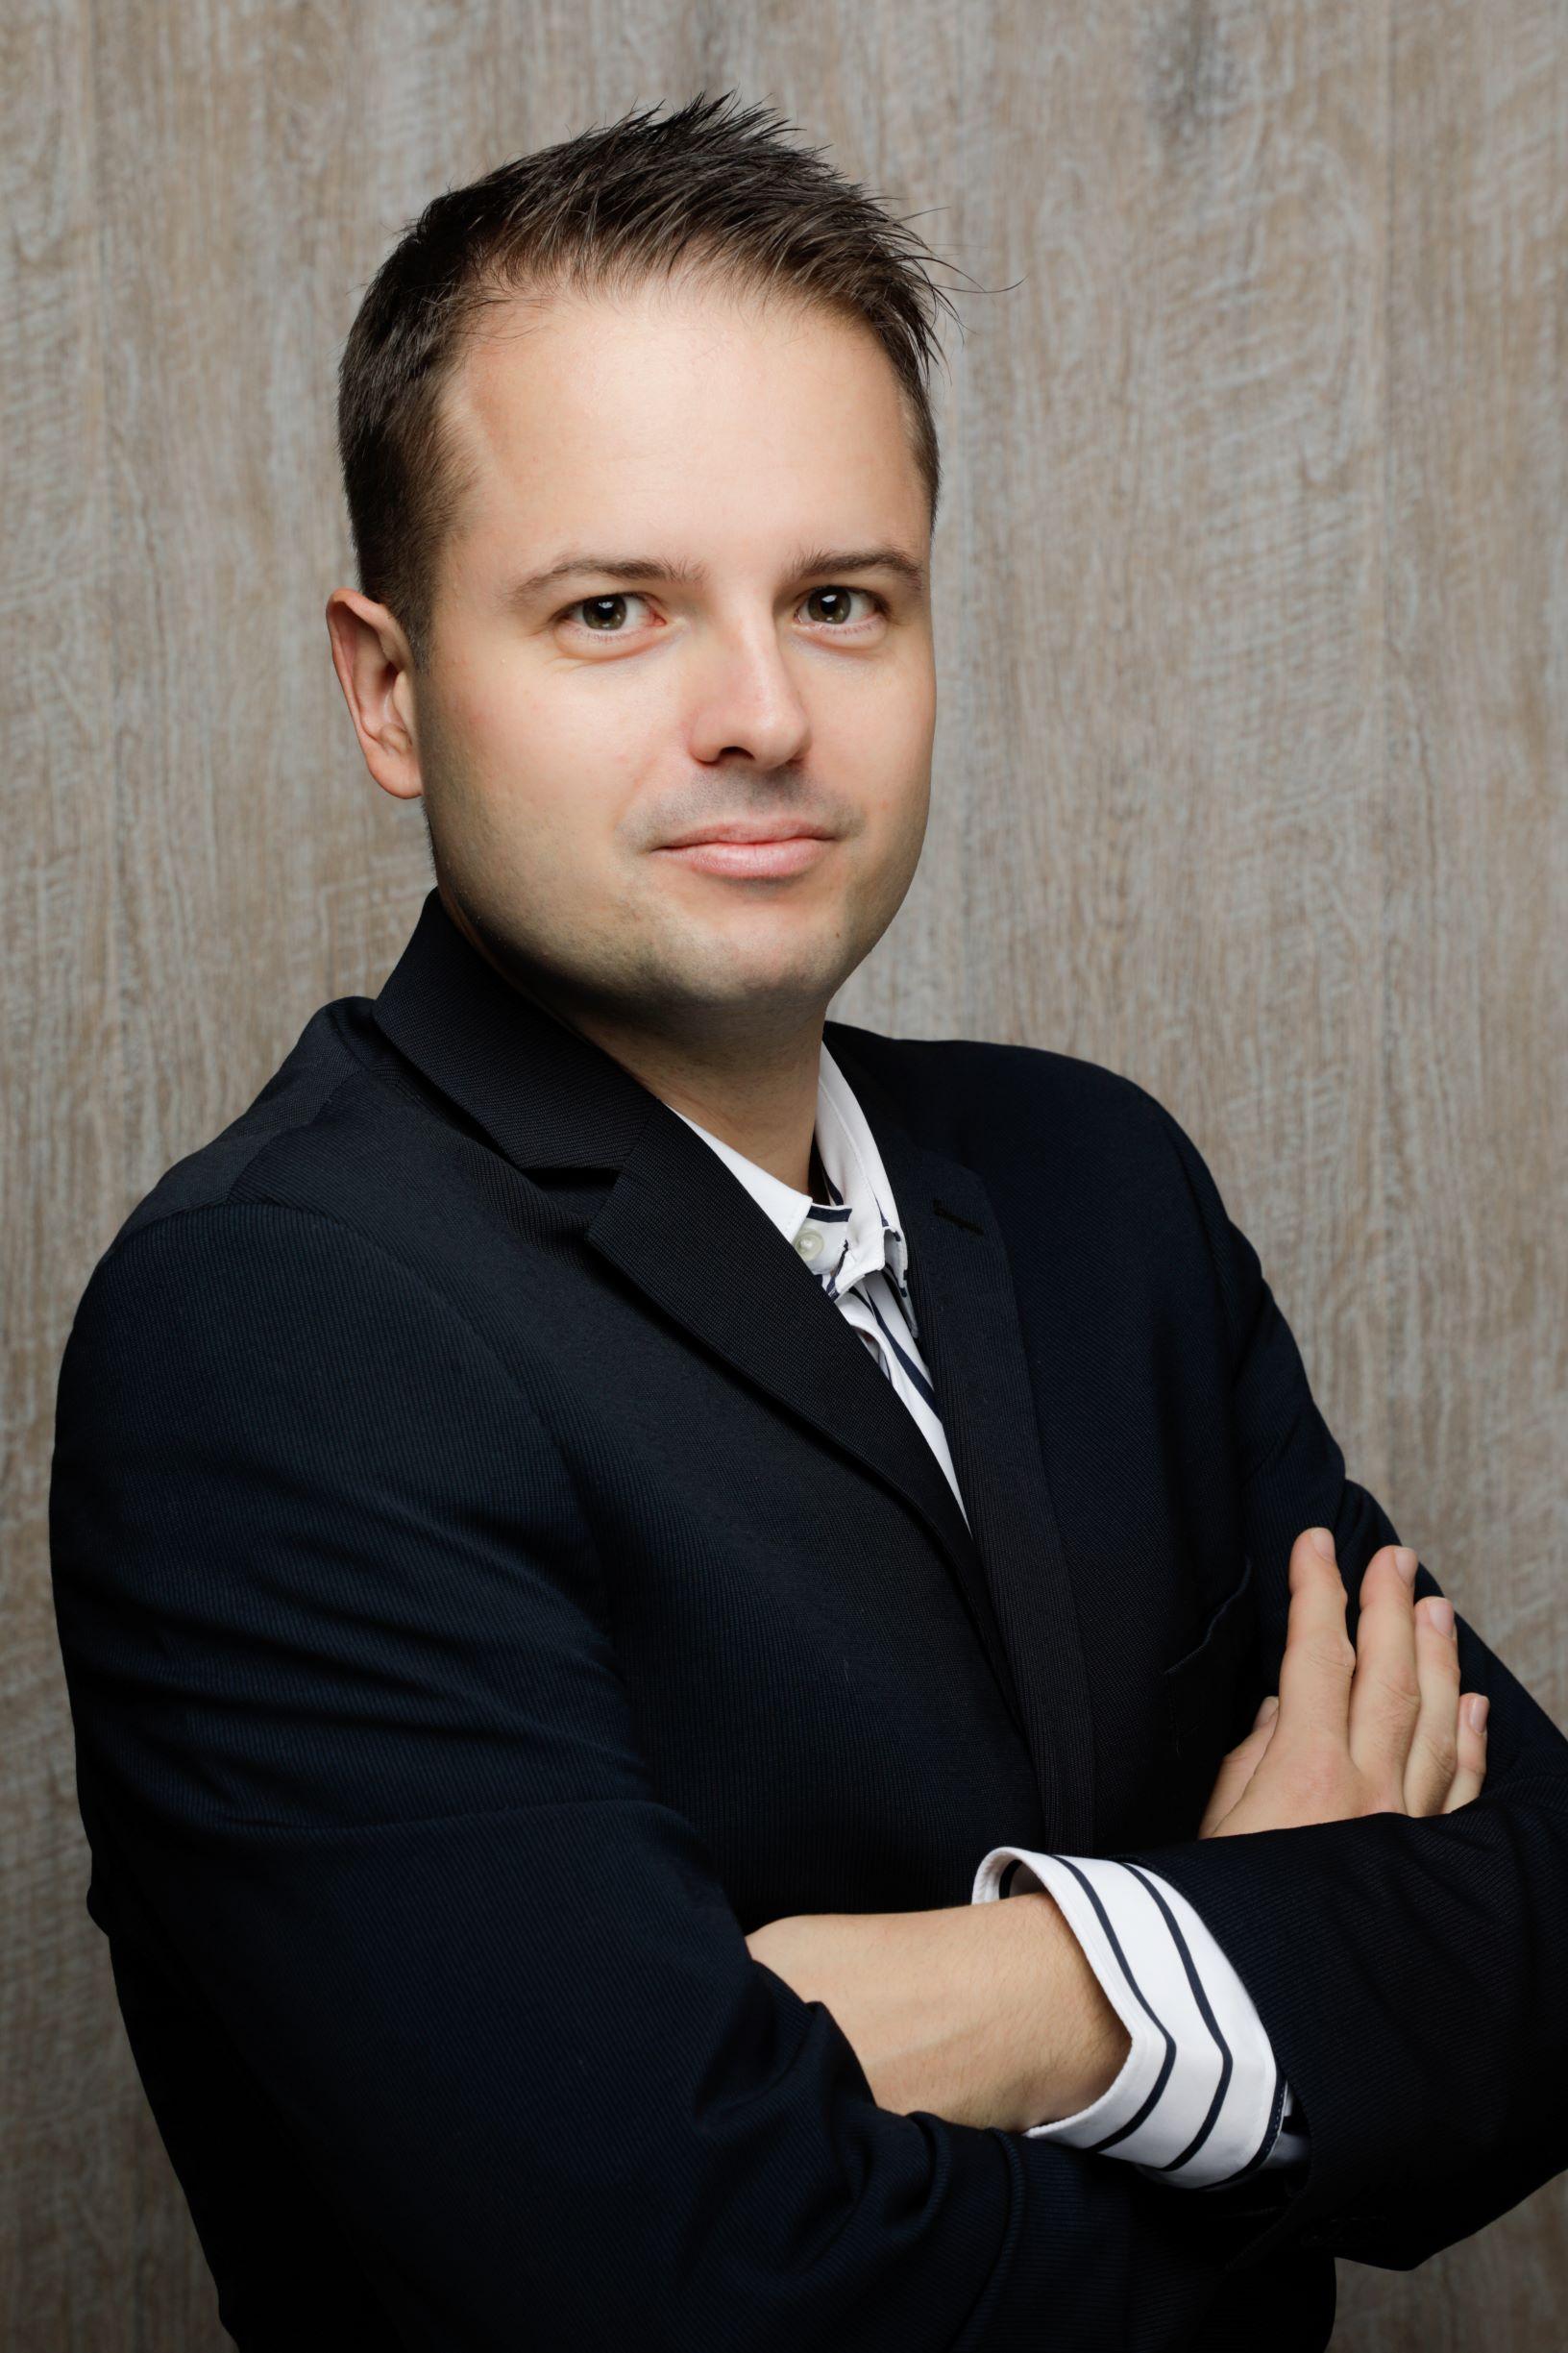 Lukas Staffler